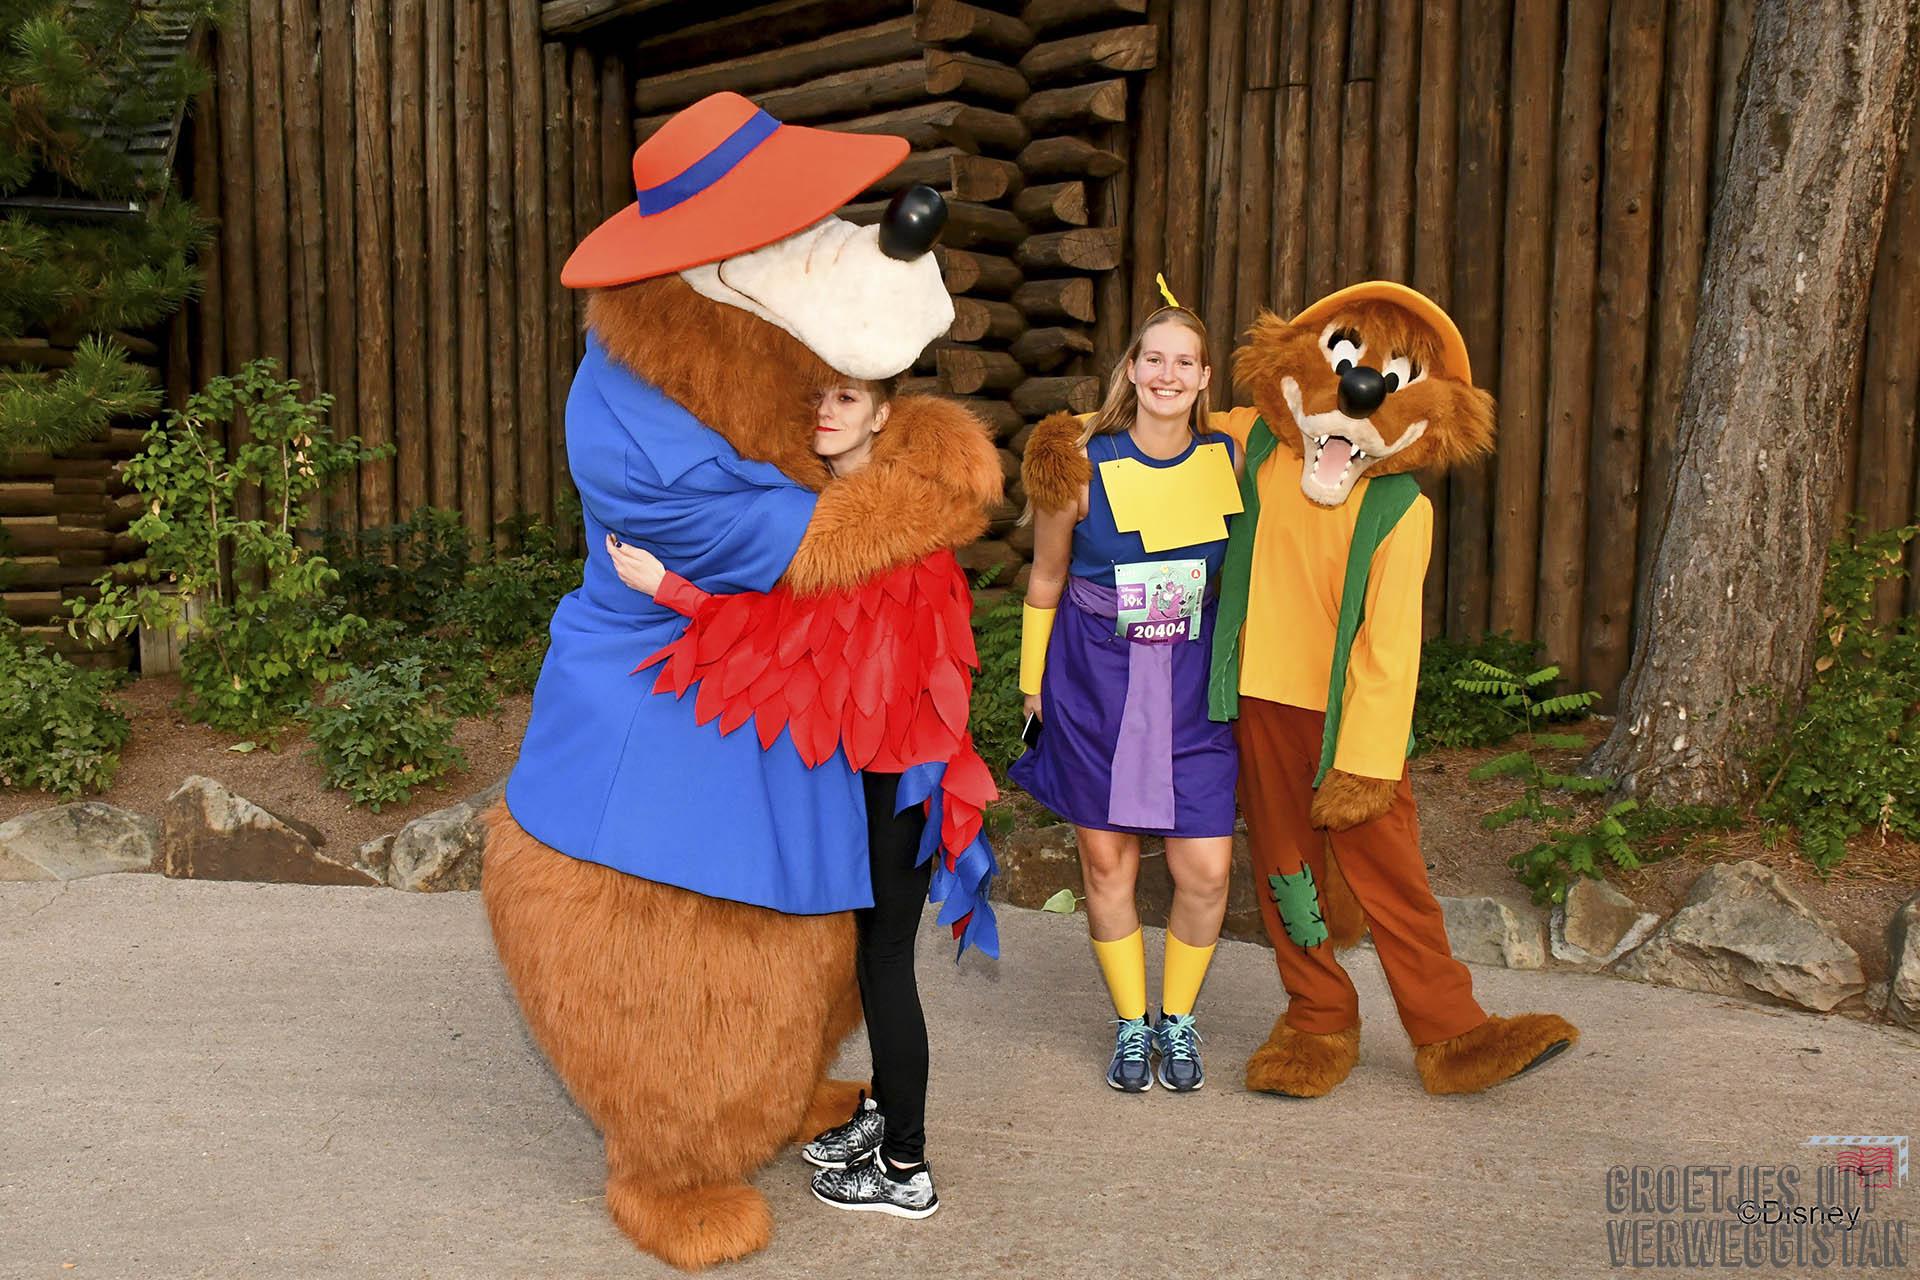 Hardlopen in Disneyland Parijs: op de foto met characters tijdens de race